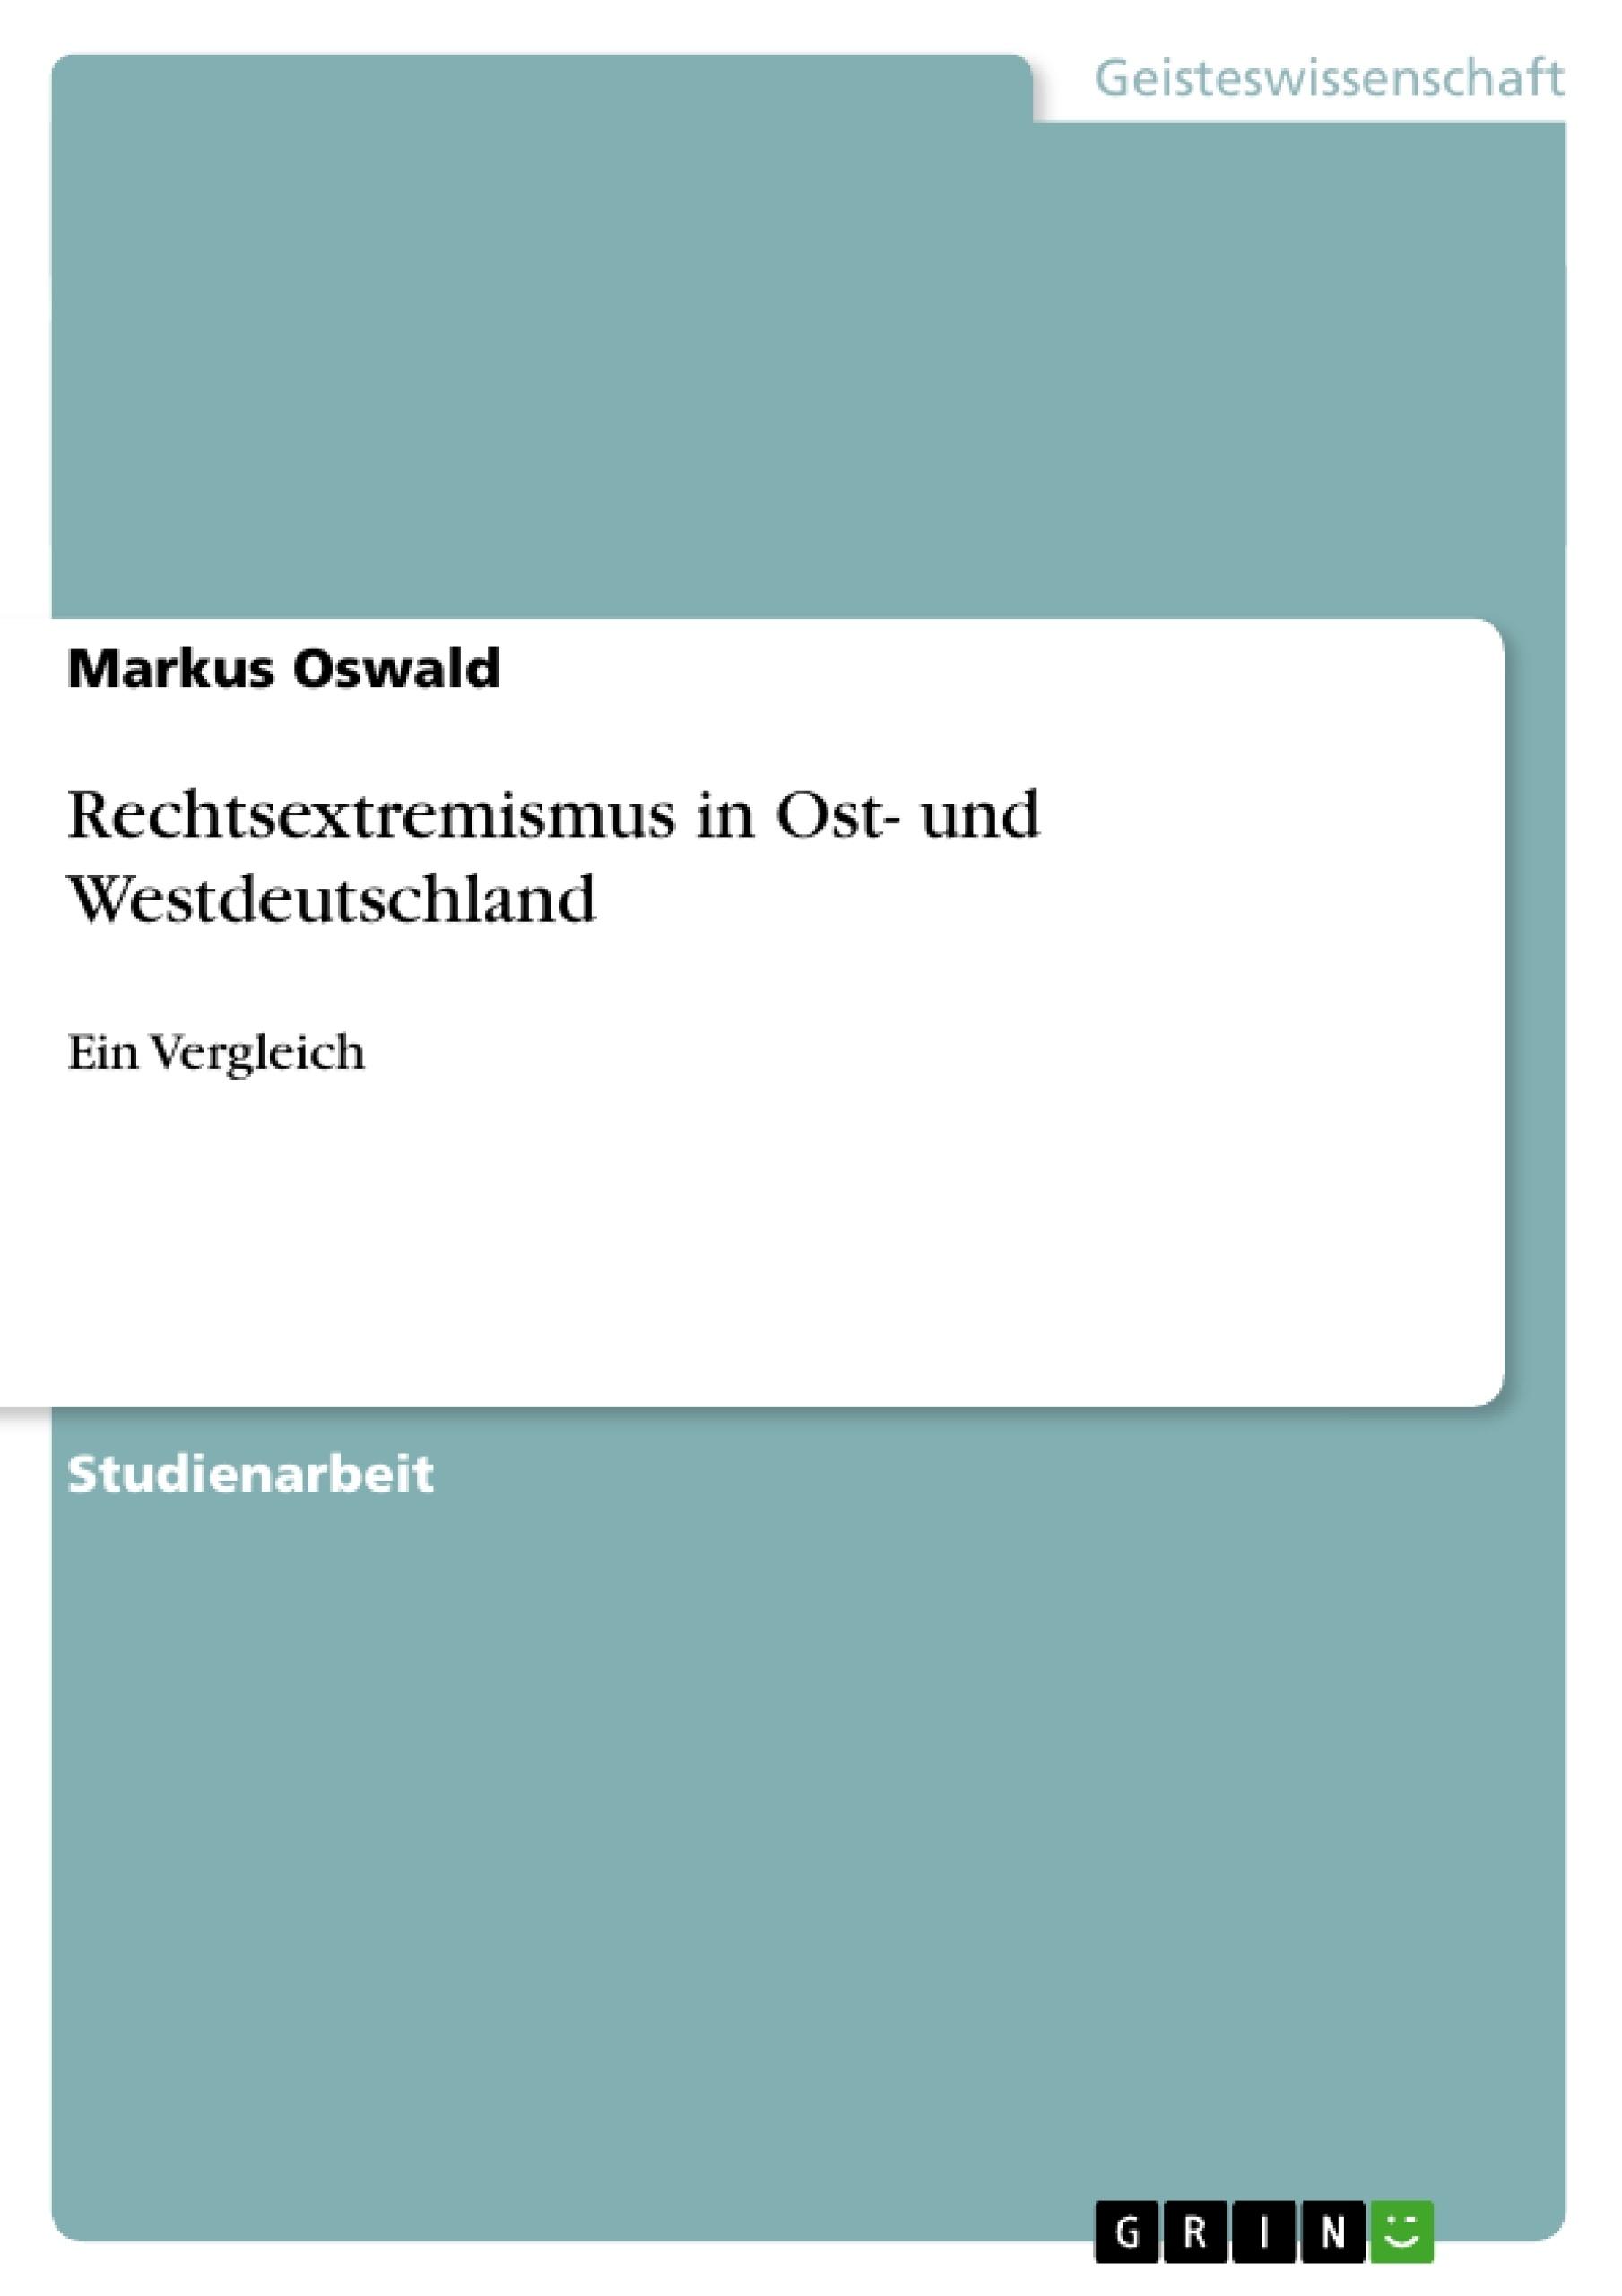 Titel: Rechtsextremismus in Ost- und Westdeutschland